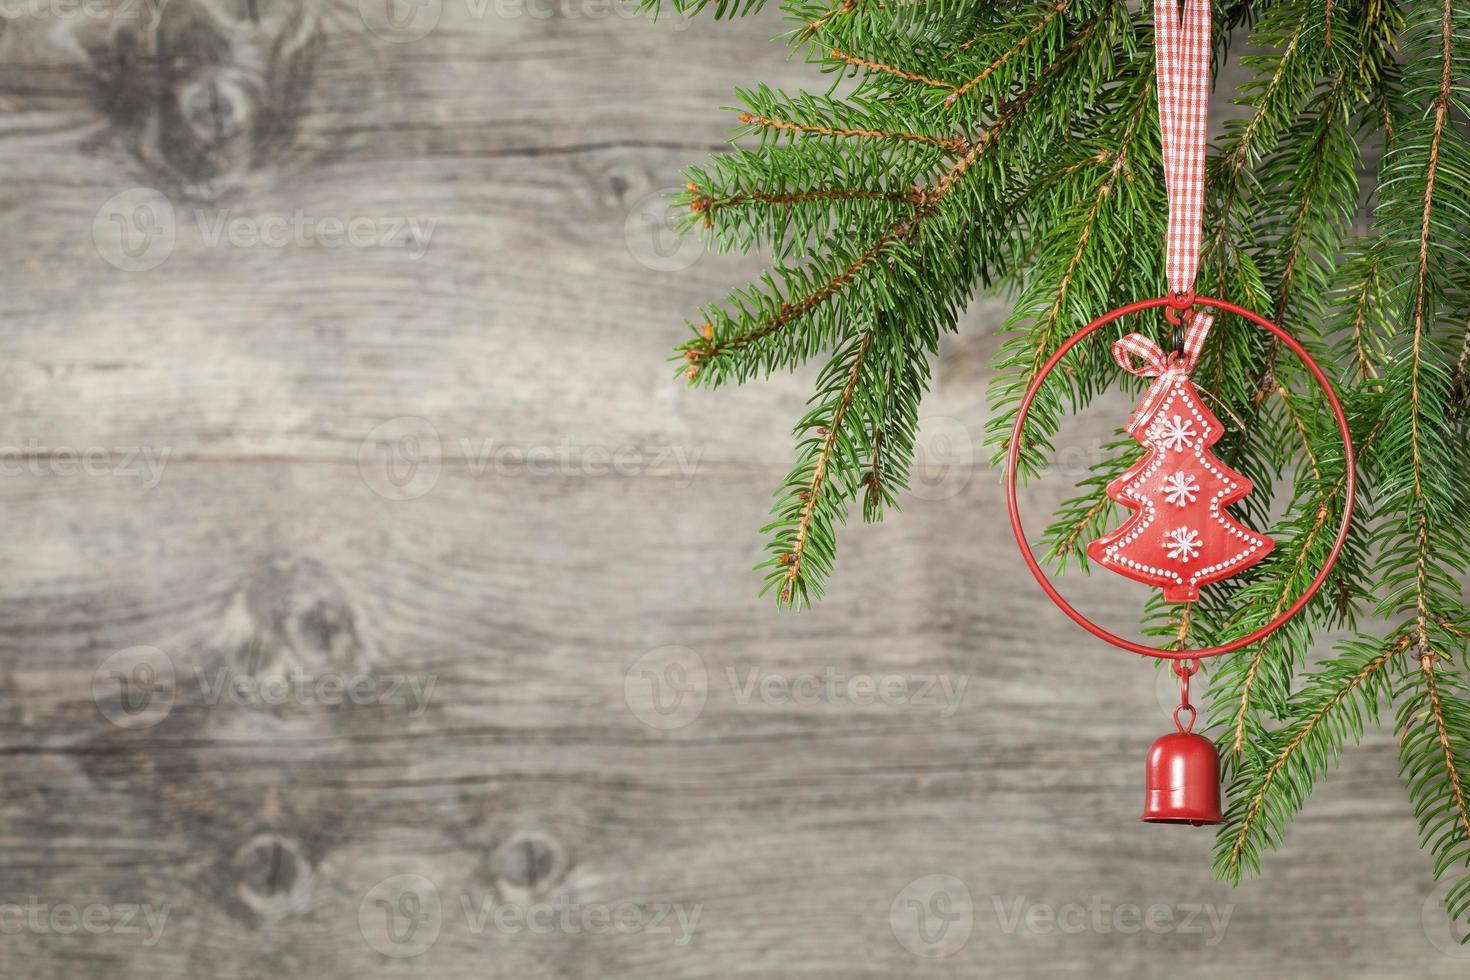 decoração de natal em fundo de madeira velho grunge foto